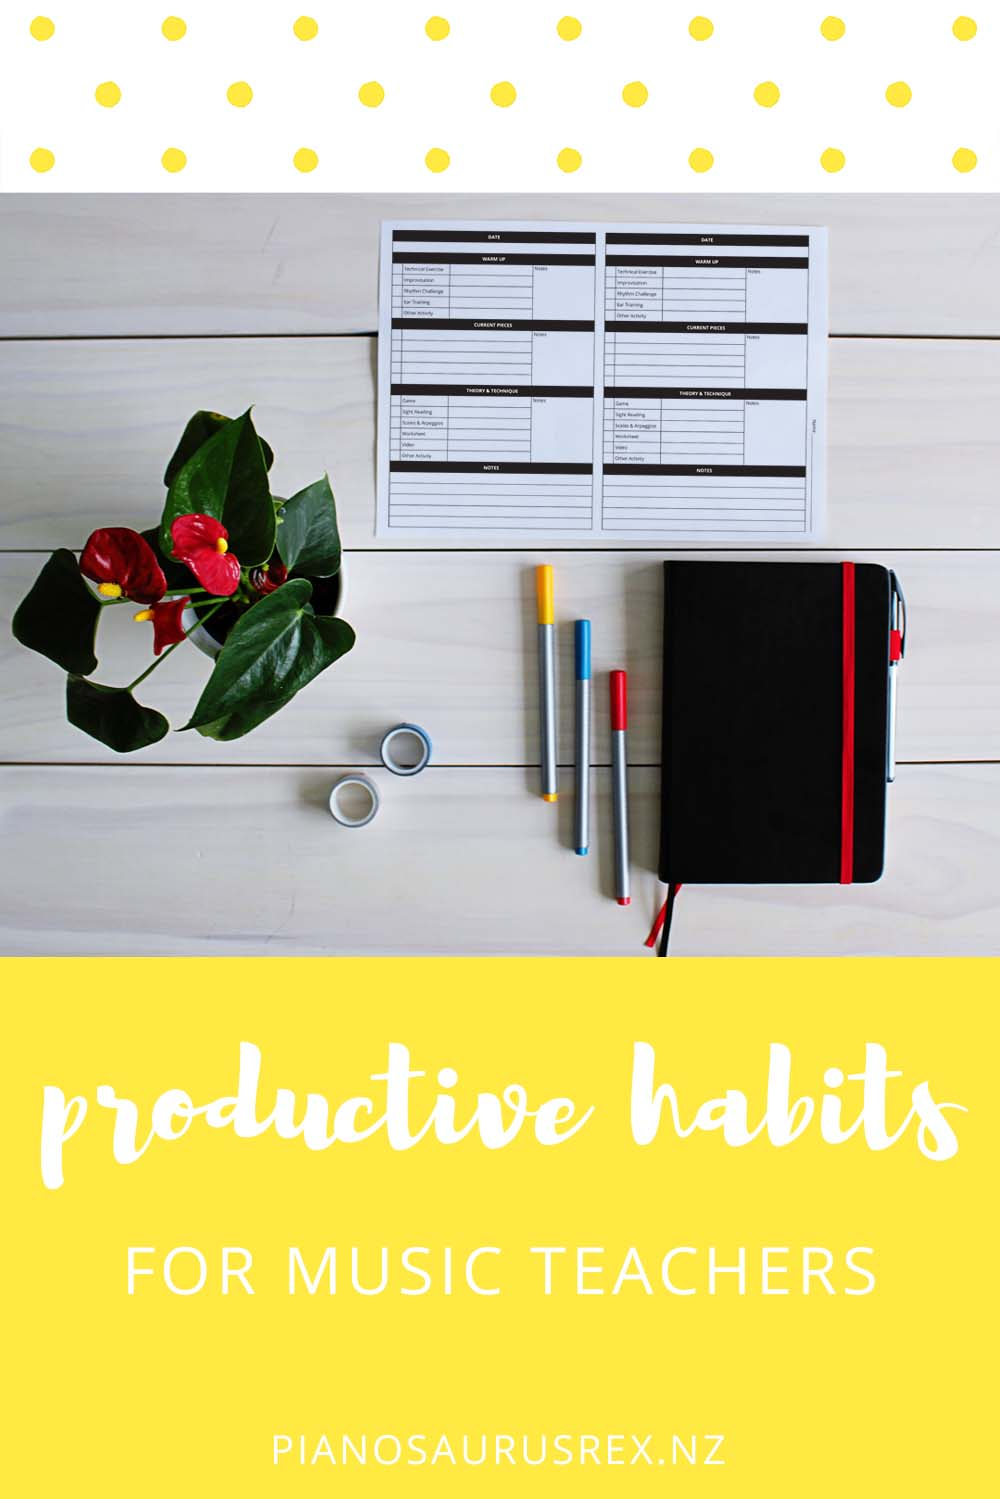 Habits for Music Teachers